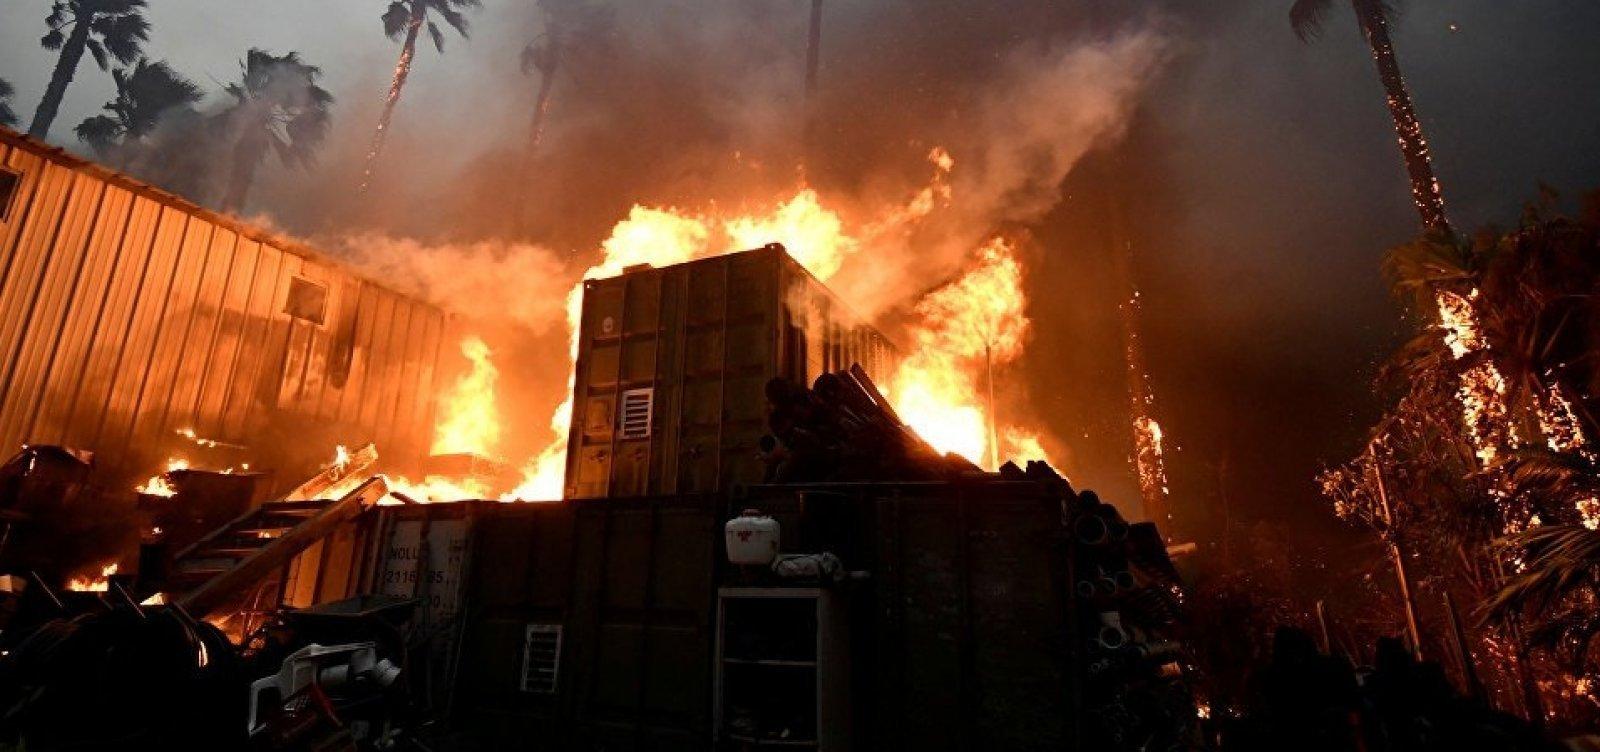 [Sobe para 59 o número de mortos pelo incêndio na Califórnia]